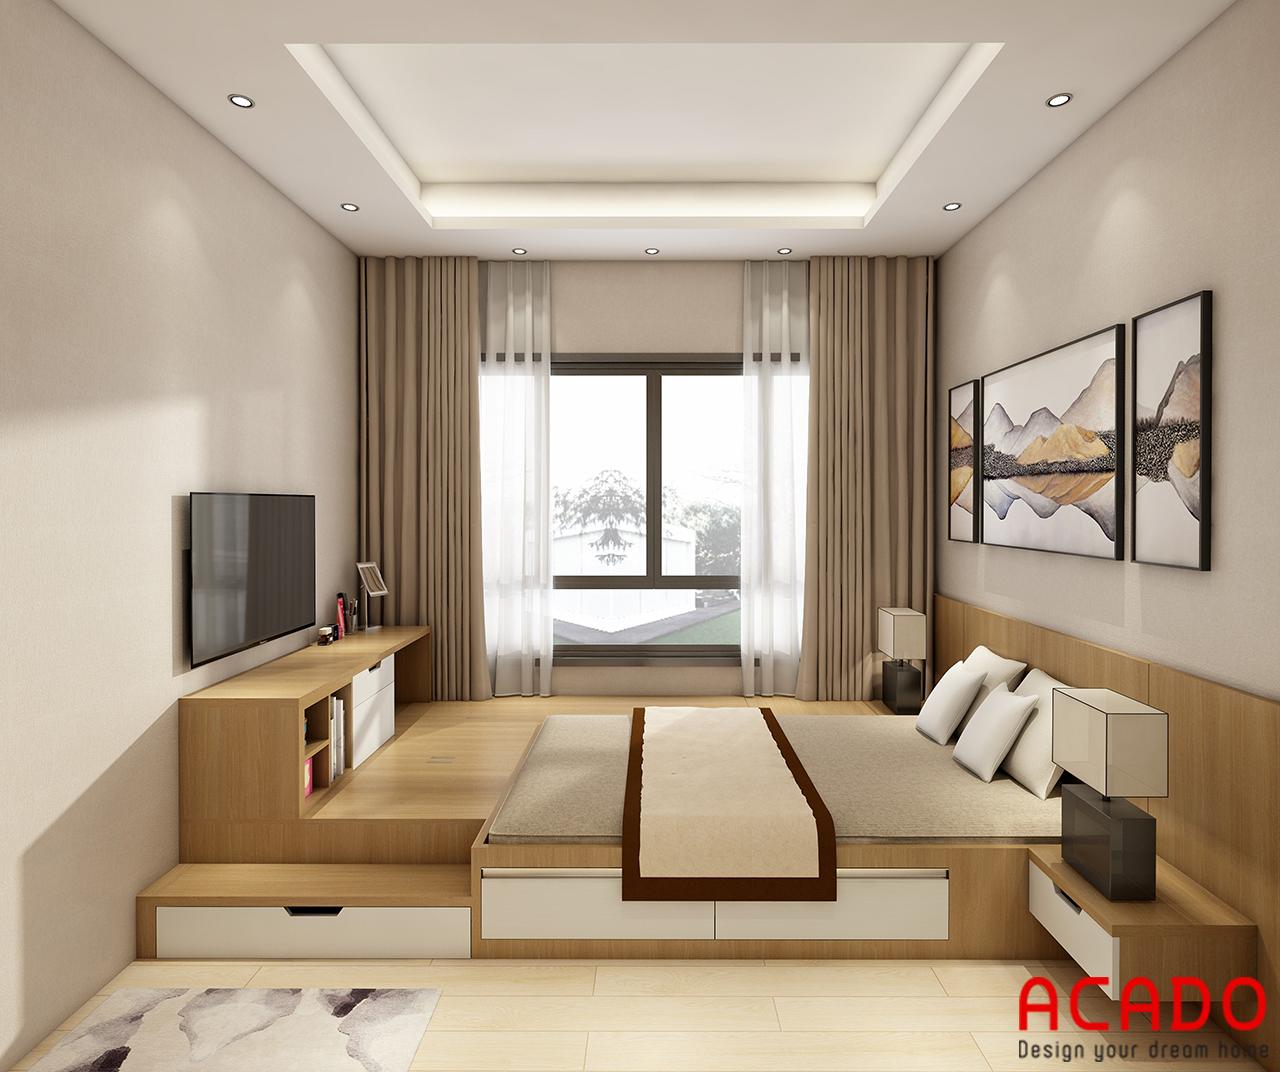 Phòng ngủ chung cư được thiết kế thông minh, hiện đại